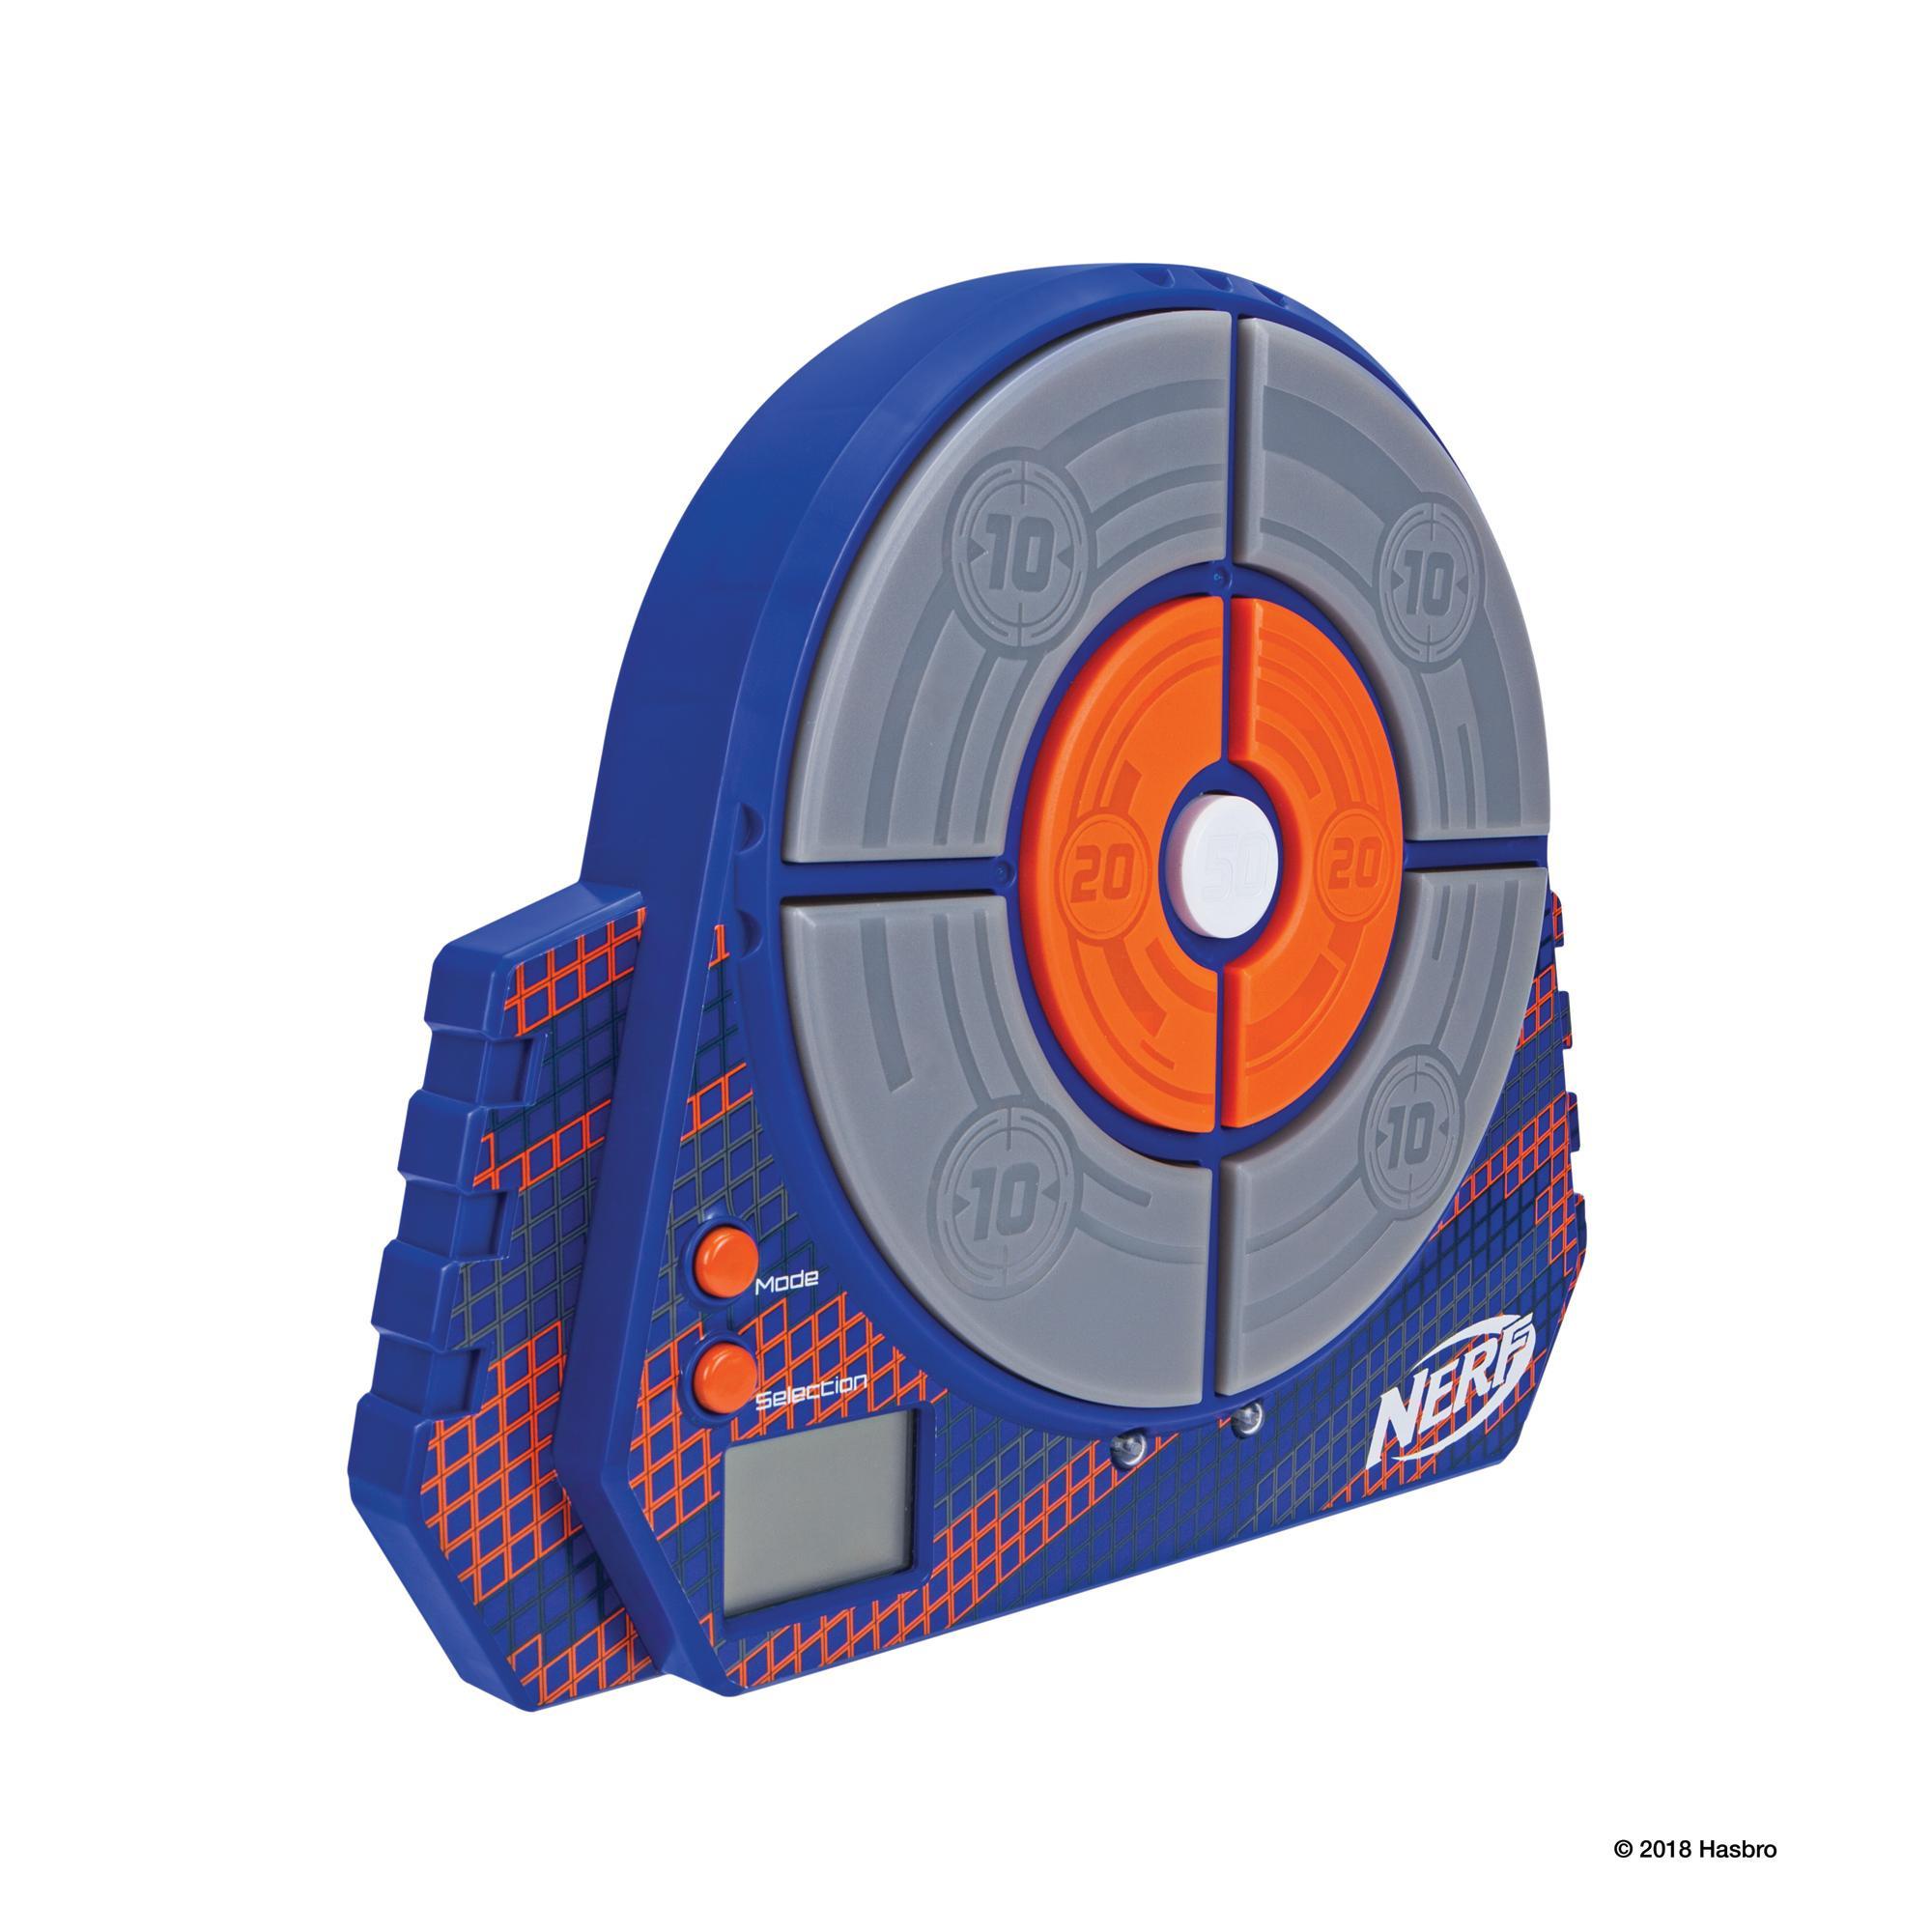 Nerf N-Strike Elite Digital Target